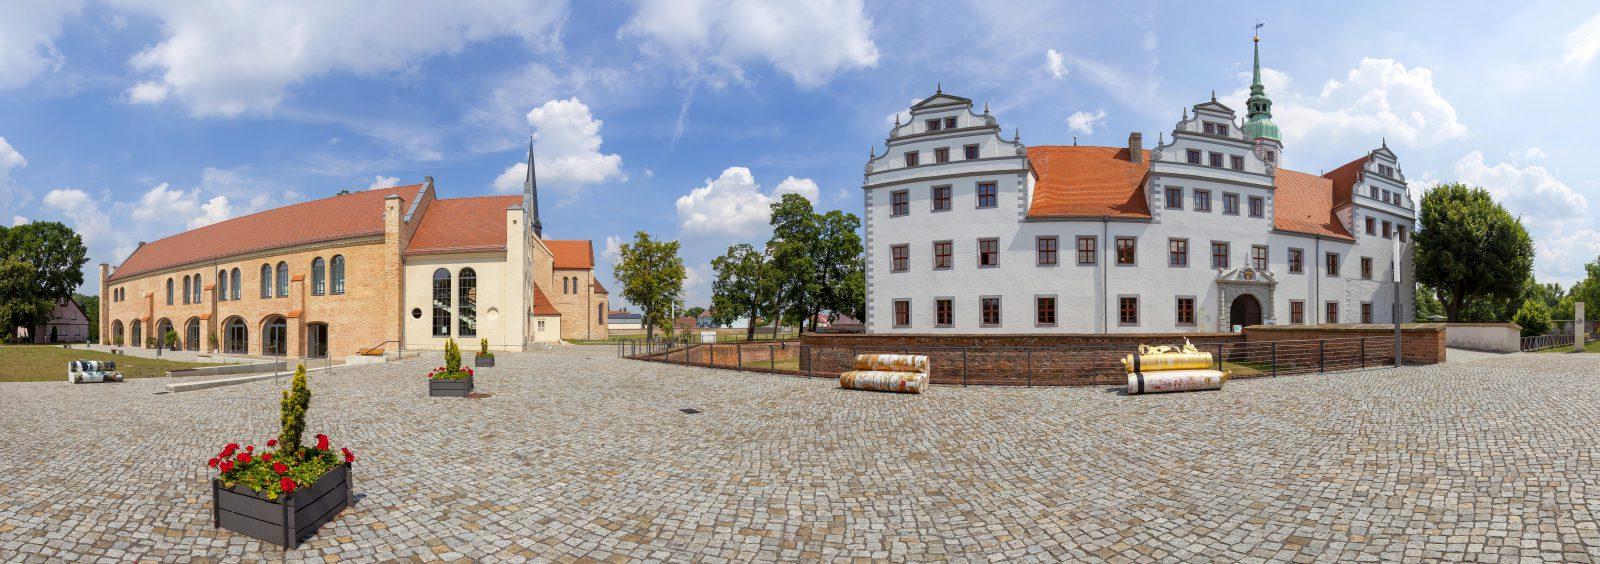 Auf der Spur der Mönche in Doberlug-Kirchhain